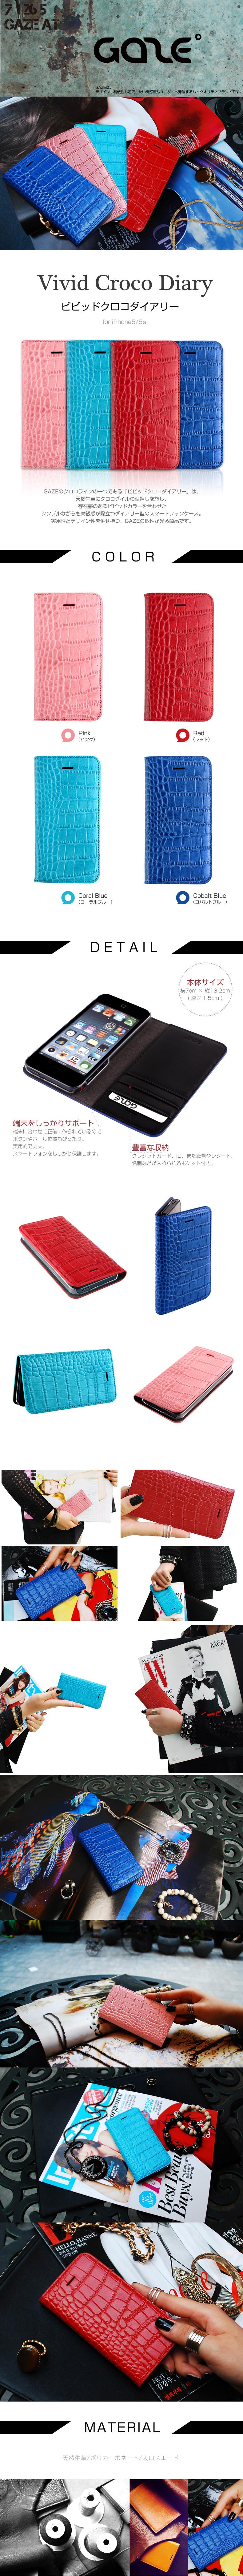 商品詳細iPhone5/5sVivid Croco Diary (ビビッドクロコダイアリー)